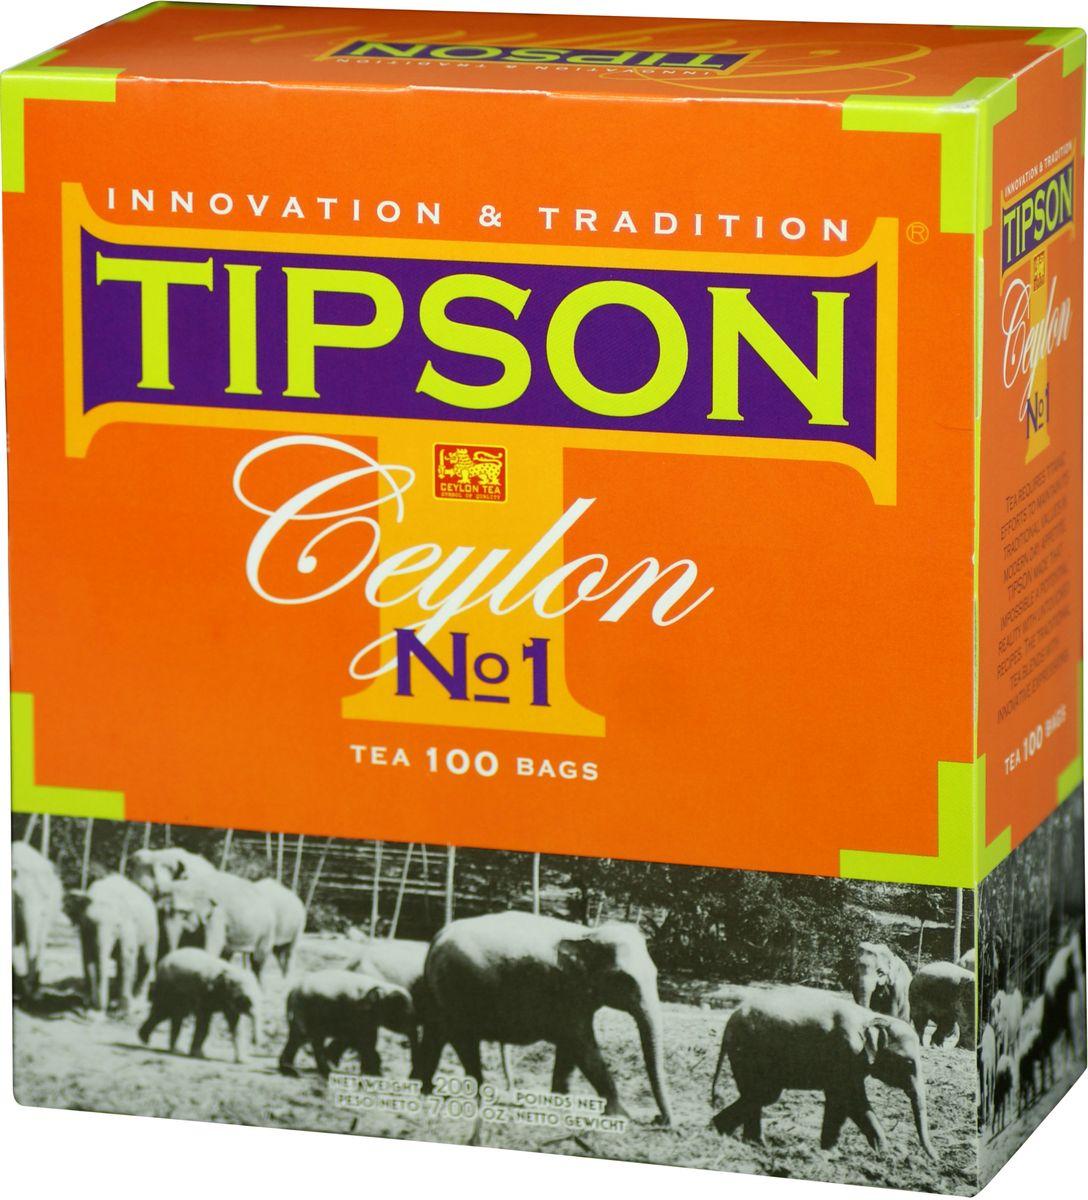 Tipson Ceylon №1 черный чай в пакетиках, 100 шт80003-00Чай чёрный цейлонский байховый мелколистовой Tipson Ceylon №1 в пакетиках с ярлычками для разовой заварки. Чай, произрастающий на острове Цейлон, давно признан лучшим в мире. Наши эксперты предлагают Вам чай №1, в котором найден гармоничный баланс между силой вкуса и элегантностью аромата.